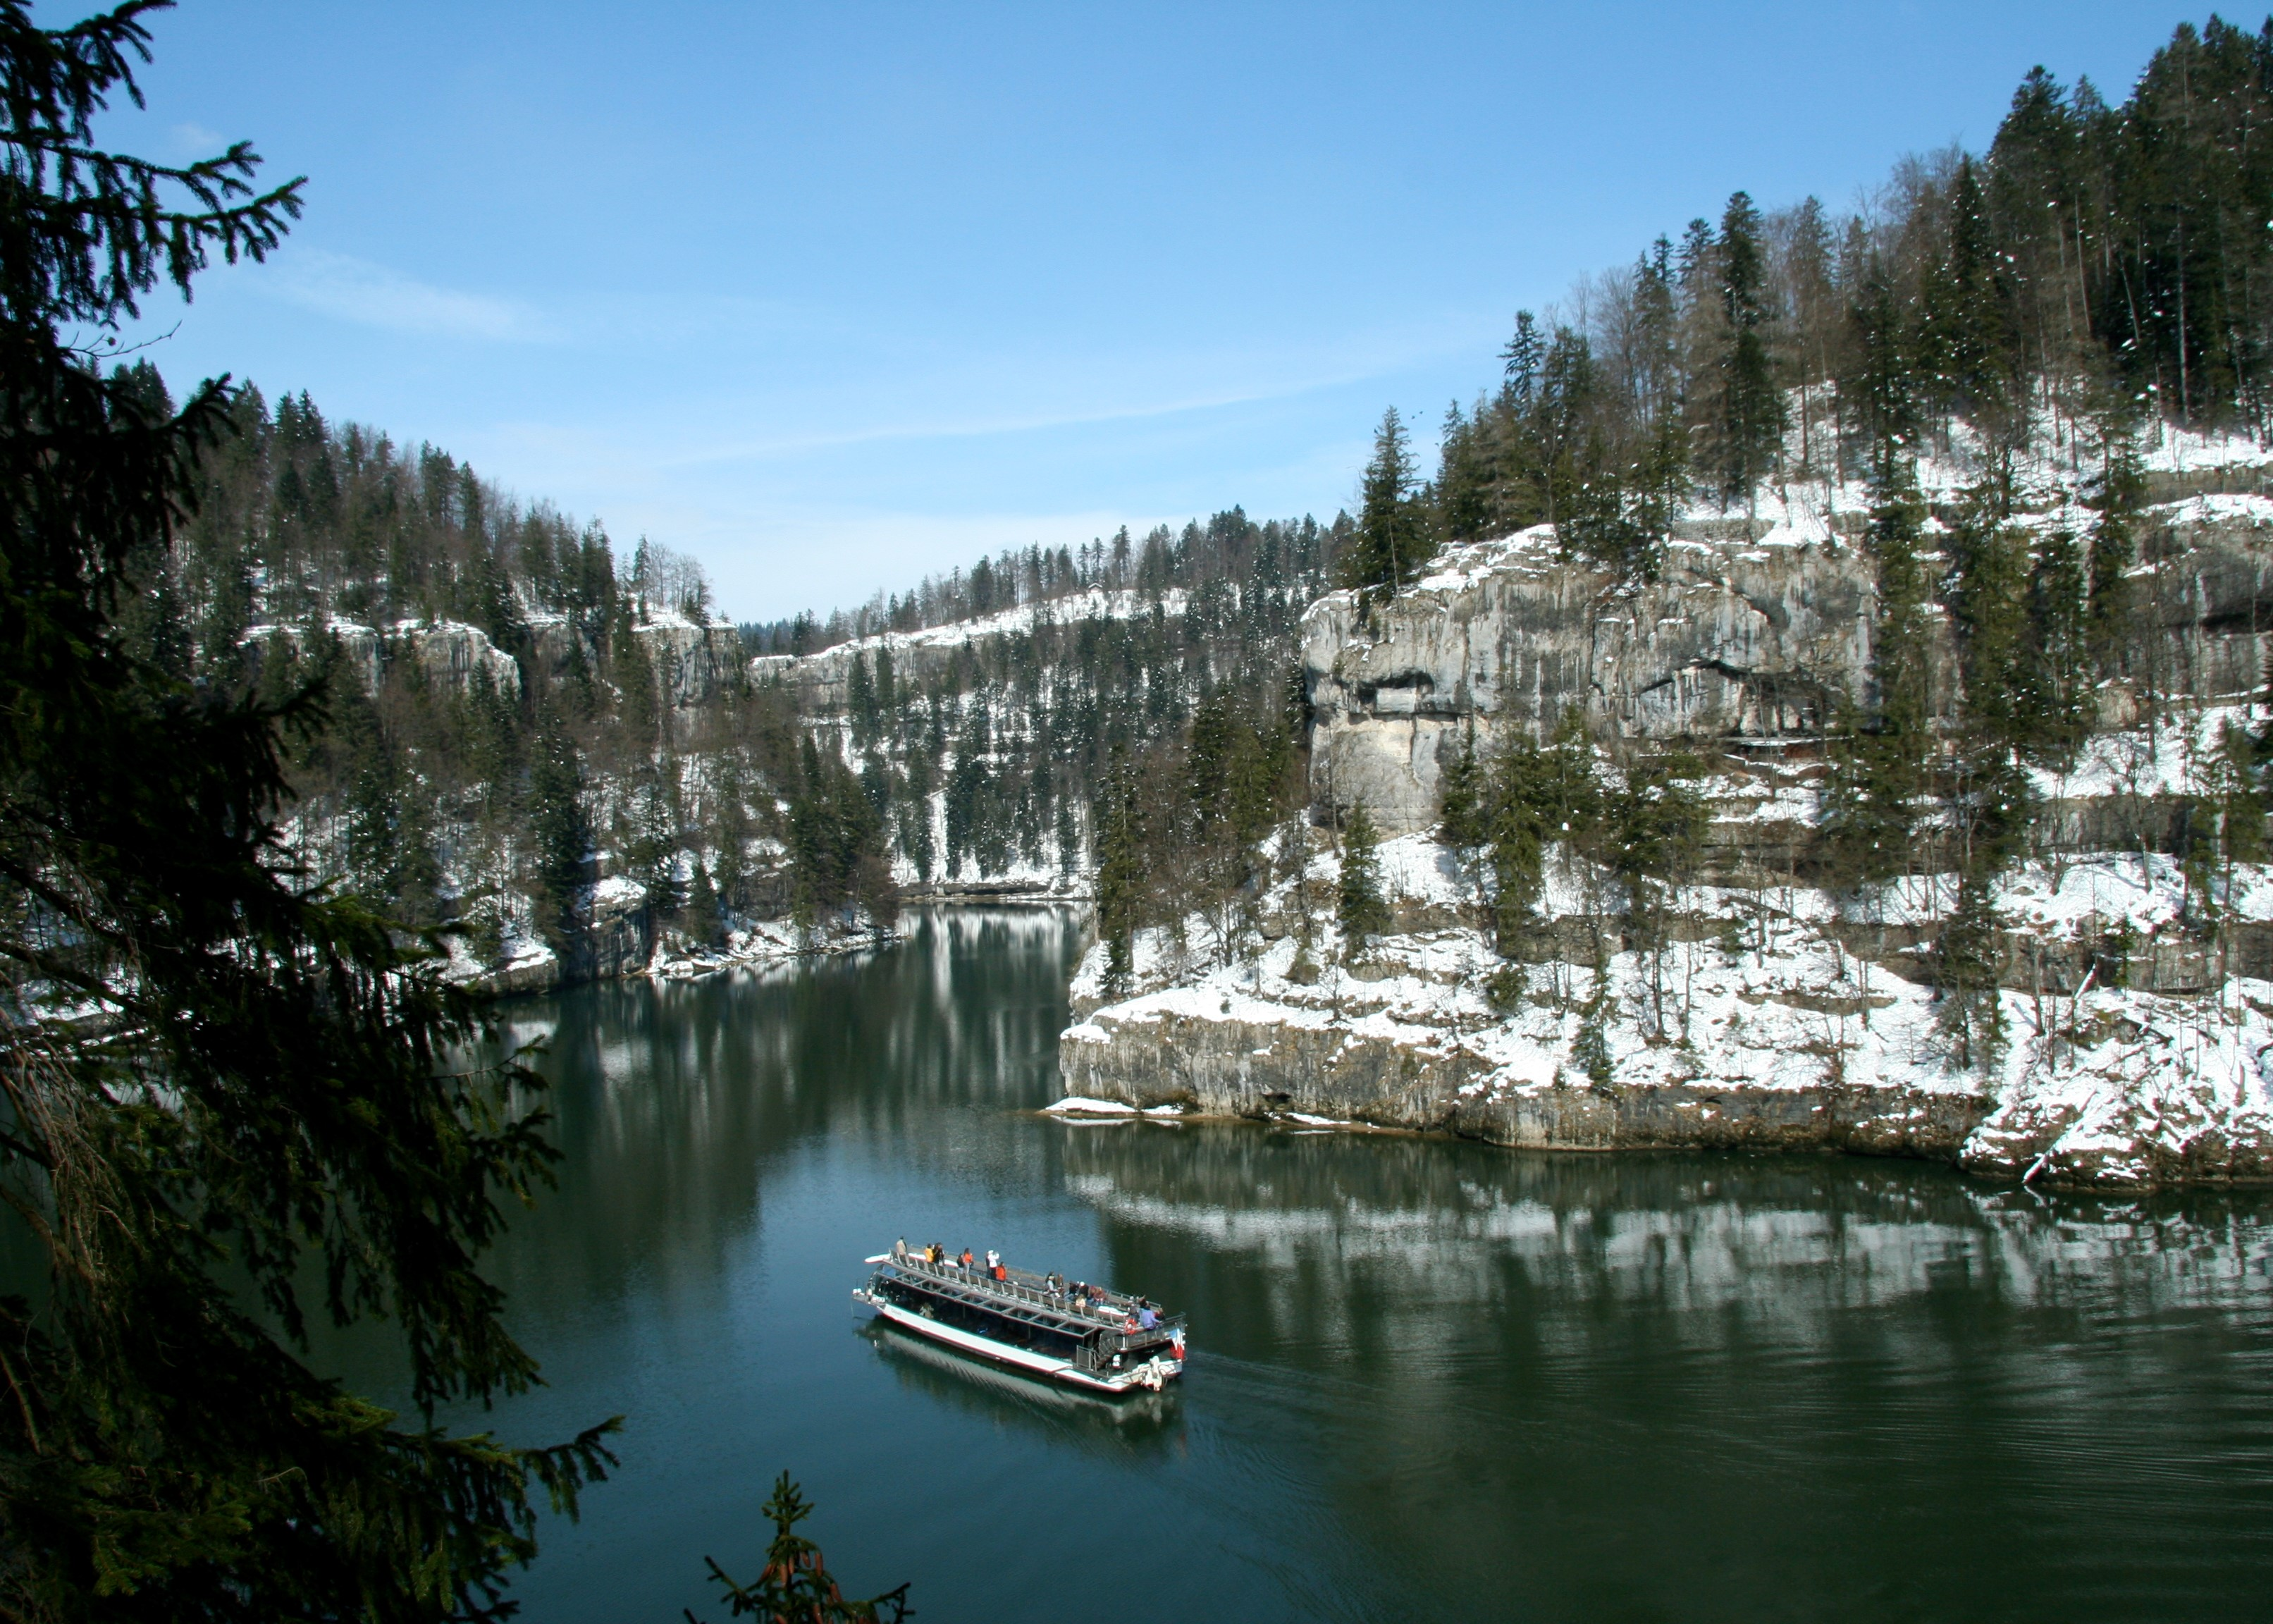 Croisière bateau dans les Bassins du Doubs - Photo  Christophe DROZ-BARTHOLET - Bateaux du Saut du Doubs / Bourgogne-Franche-Comté Tourisme